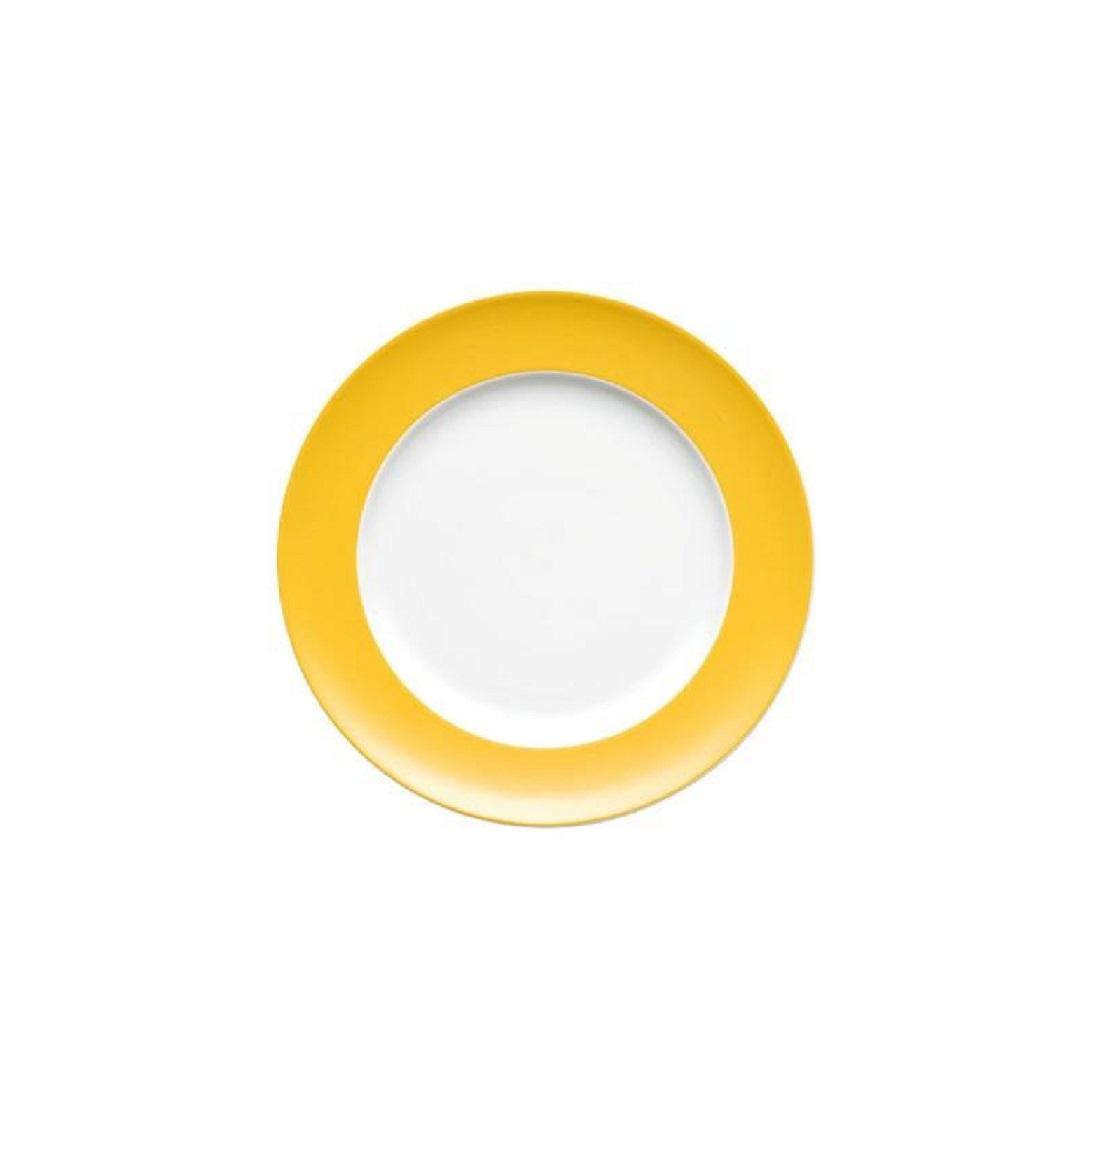 Тарелка десертная/закусочная Rosenthal SUNNY DAY, диаметр 22 см, желтый Rosenthal 70850-408502-10222 фото 1